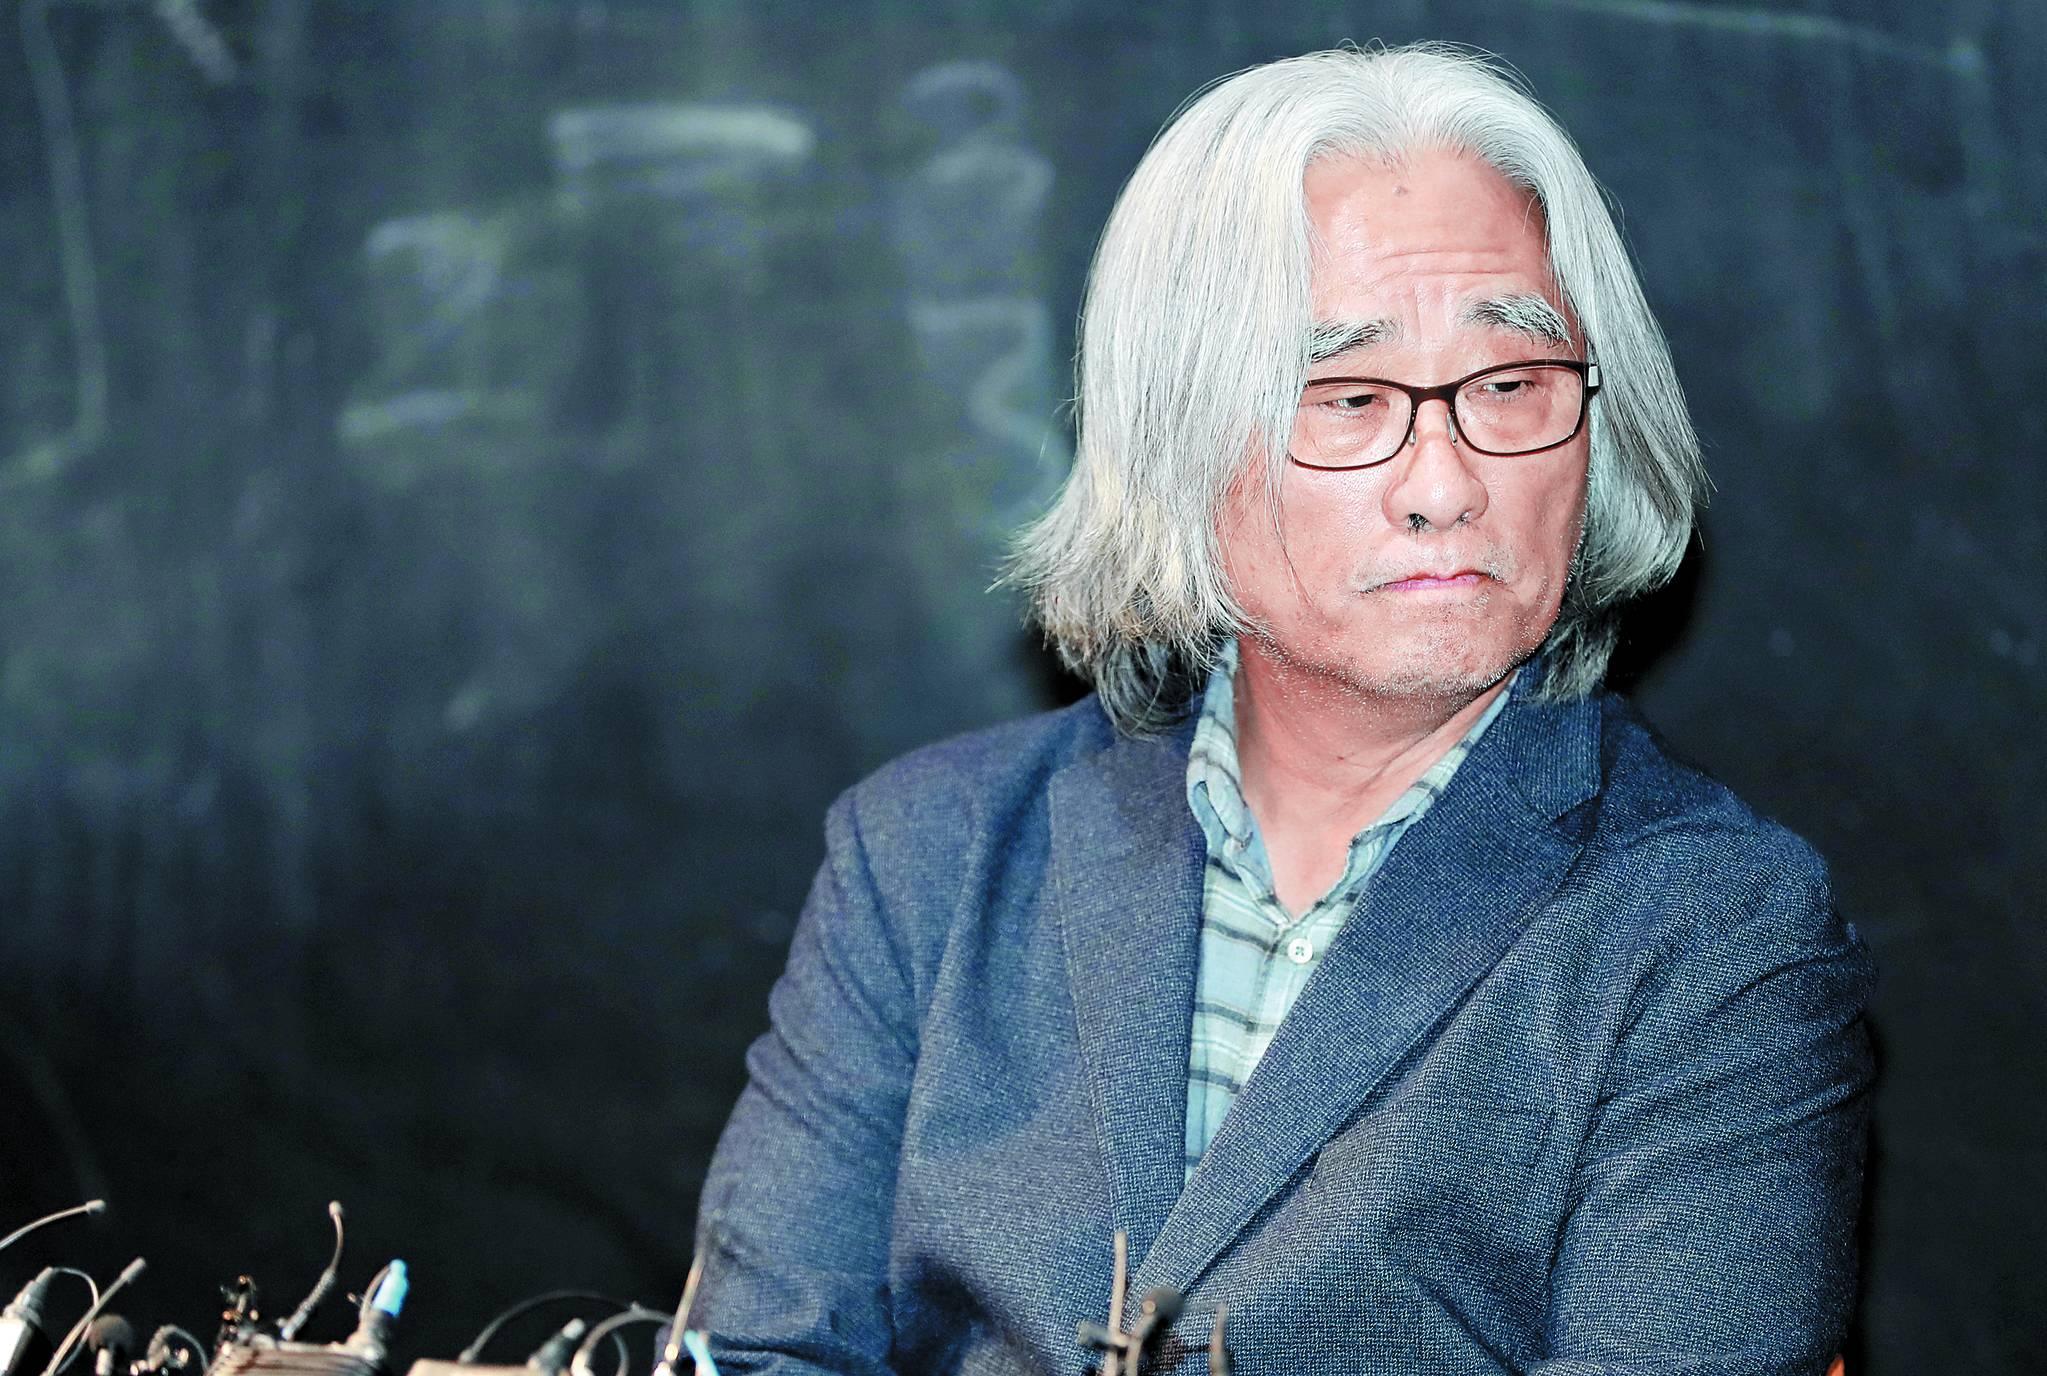 성추행 파문을 일으킨 연극연출가 이윤택이 지난 19일 오전 서울 종로구 30스튜디오에서 기자회견을 열었다. [연합뉴스]